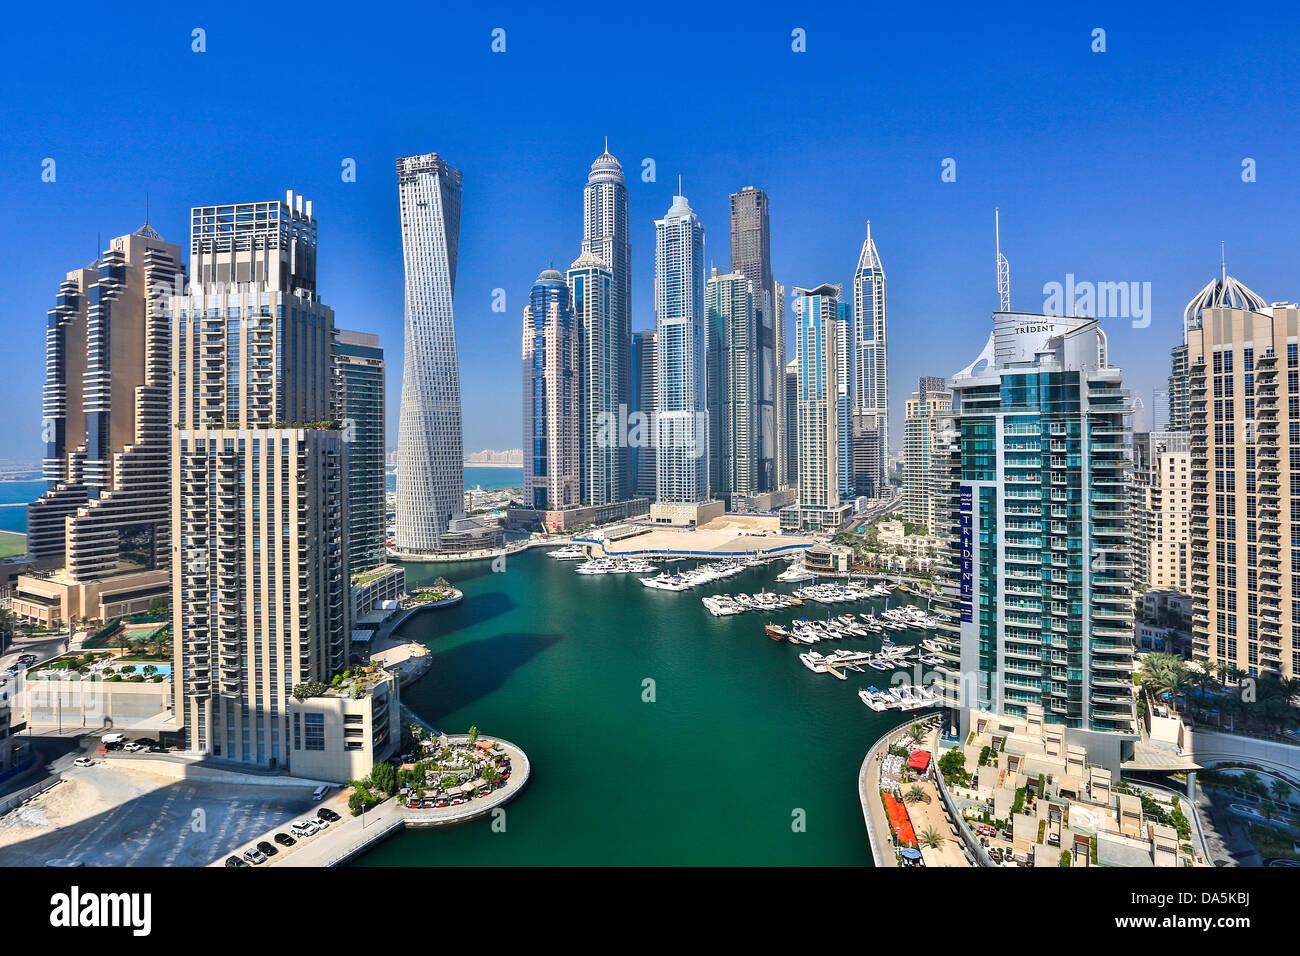 Emiratos rabes unidos eau dubai ciudad dubai marina - Eau arquitectura ...